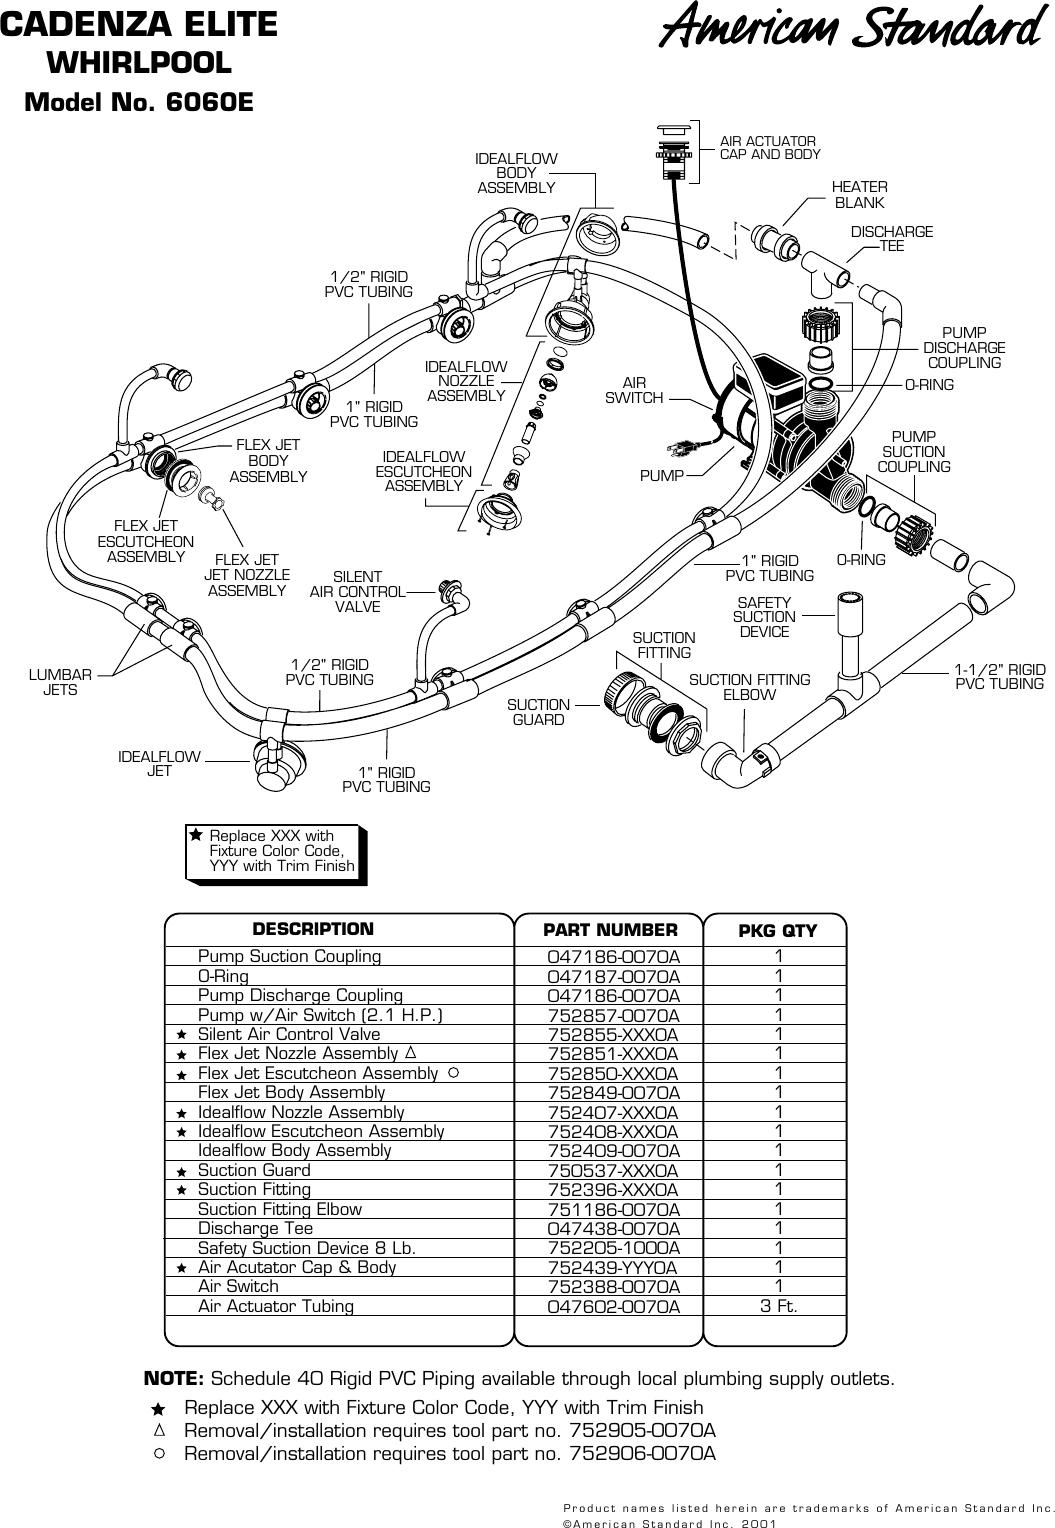 American Standard Cadenza Elite E Users Manual E R P